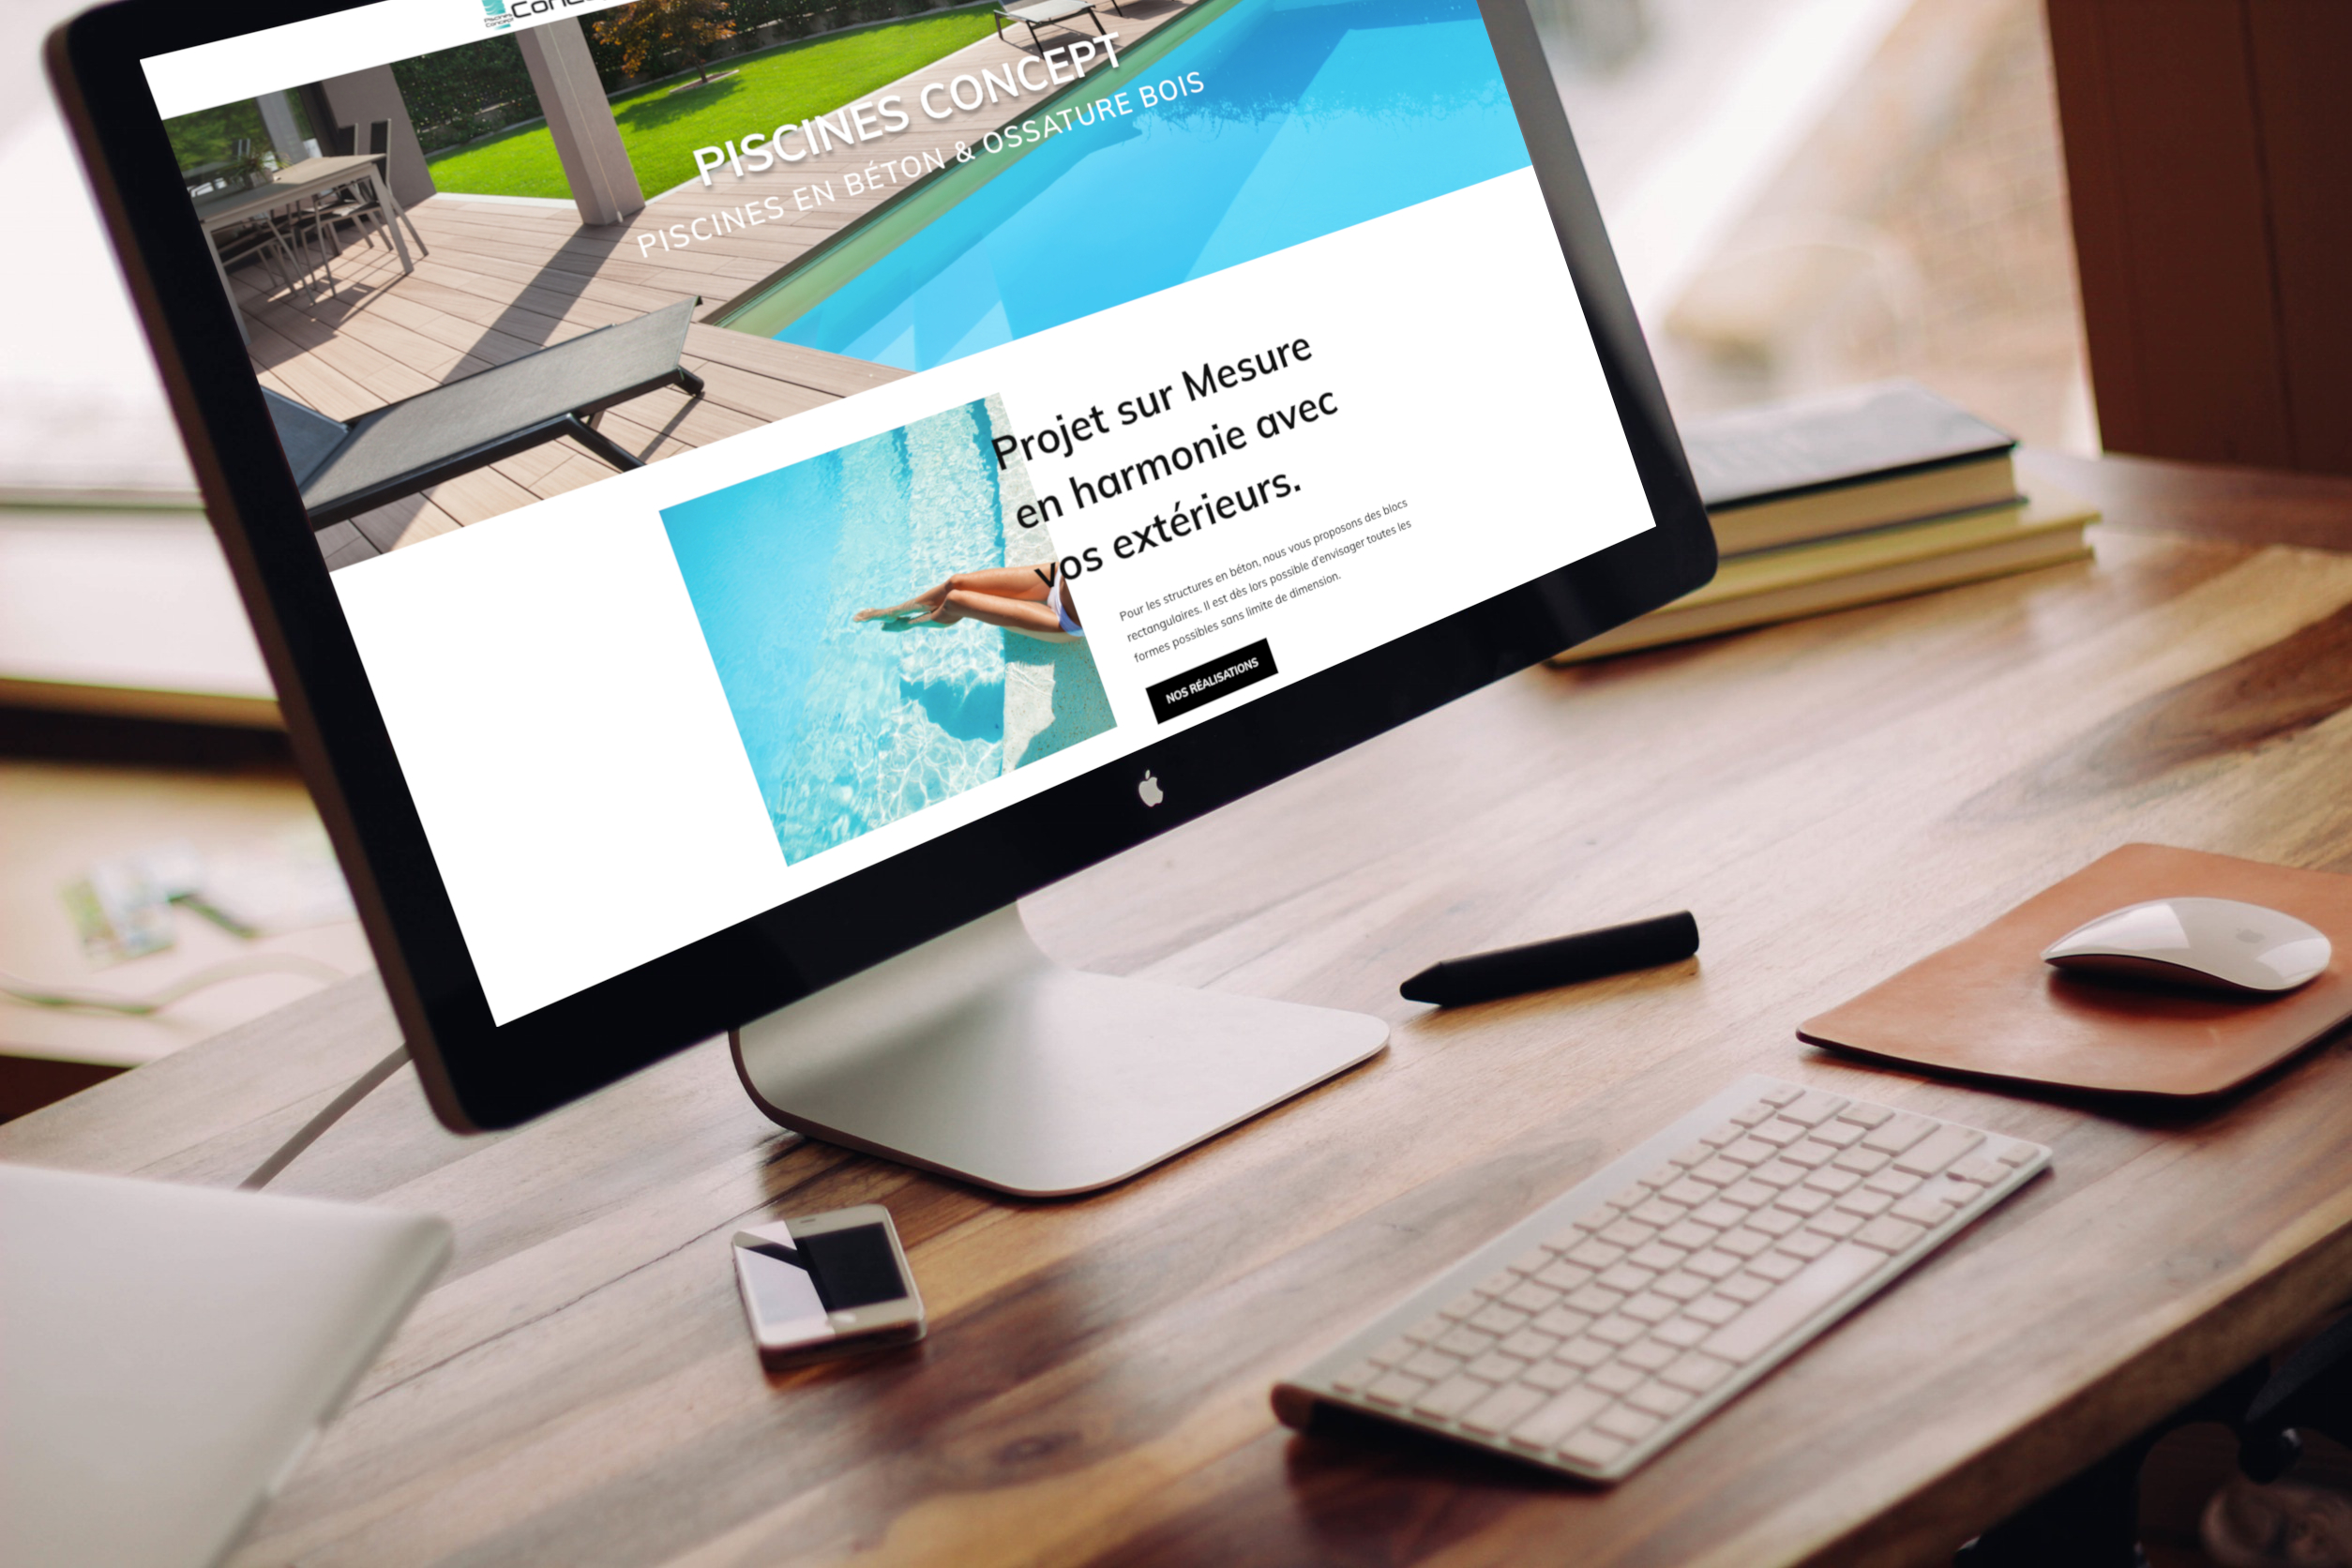 Création site vitrine Piscines Concept